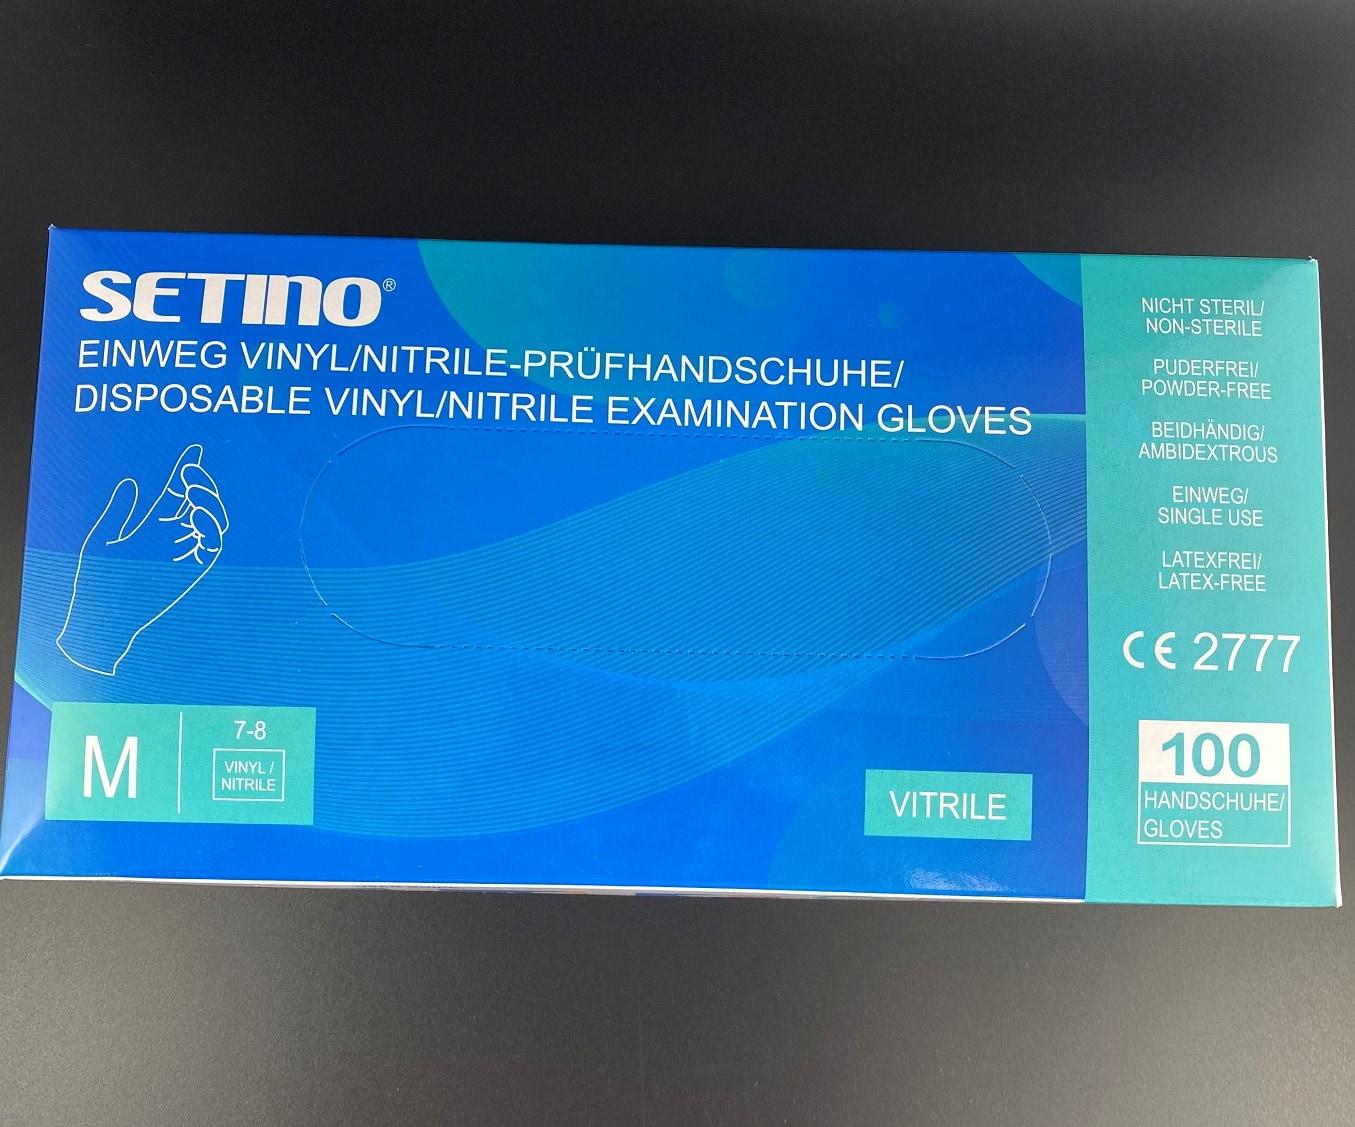 Setino Einweg Vinyl/Nitril Handschuhe Gr. M